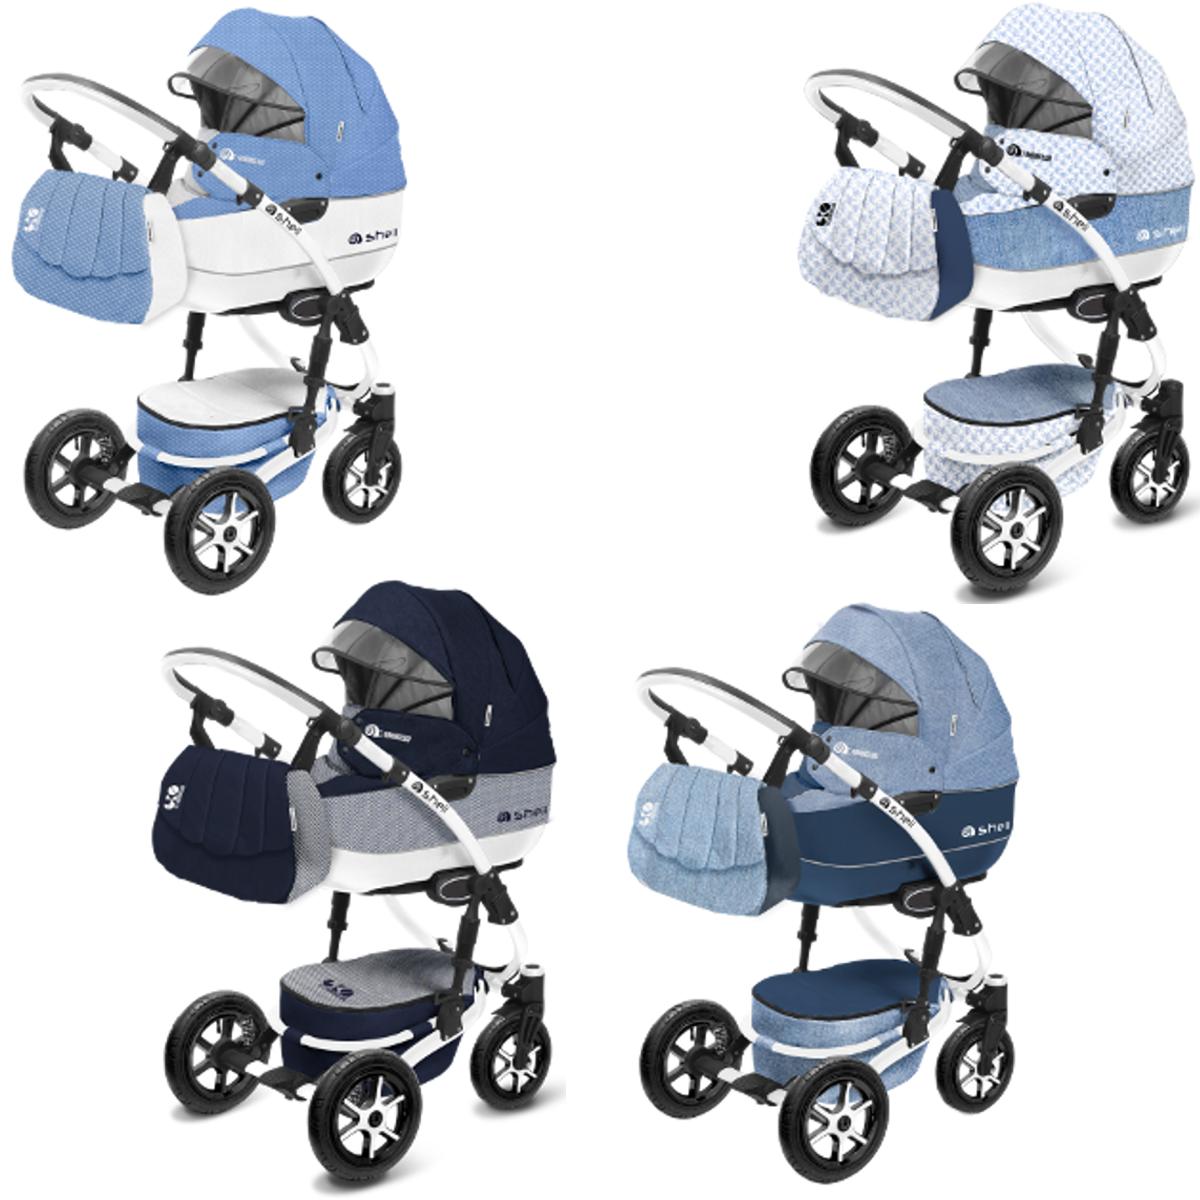 shell kombi kinderwagen 2in1 oder 3in1 mit babywanne sportwagenaufsatz buggy babyschale. Black Bedroom Furniture Sets. Home Design Ideas